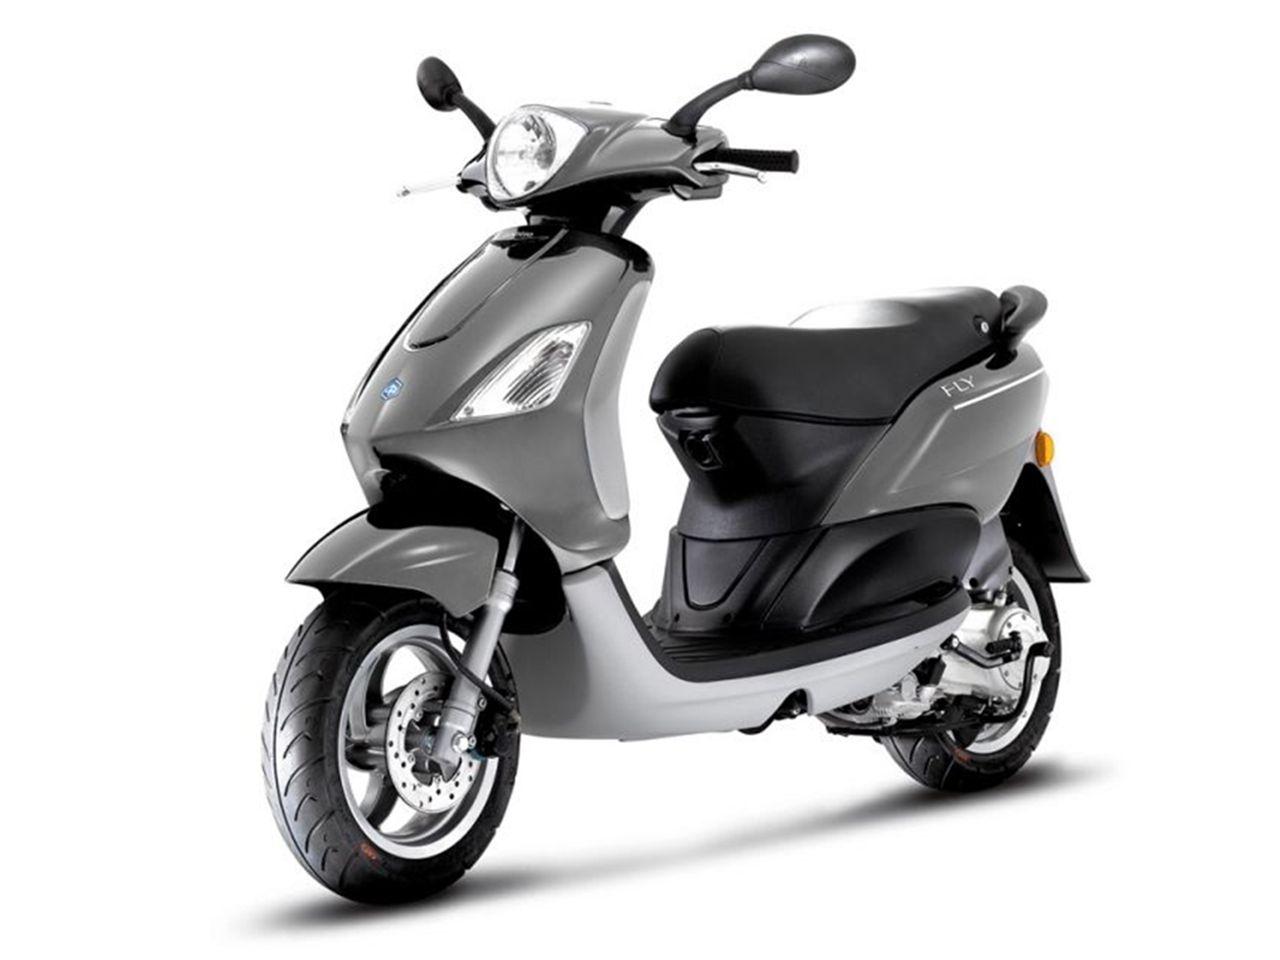 比亚乔摩托车_【比亚乔Piaggio Fly 150摩托车图片】_摩托车图片库_摩托车之家